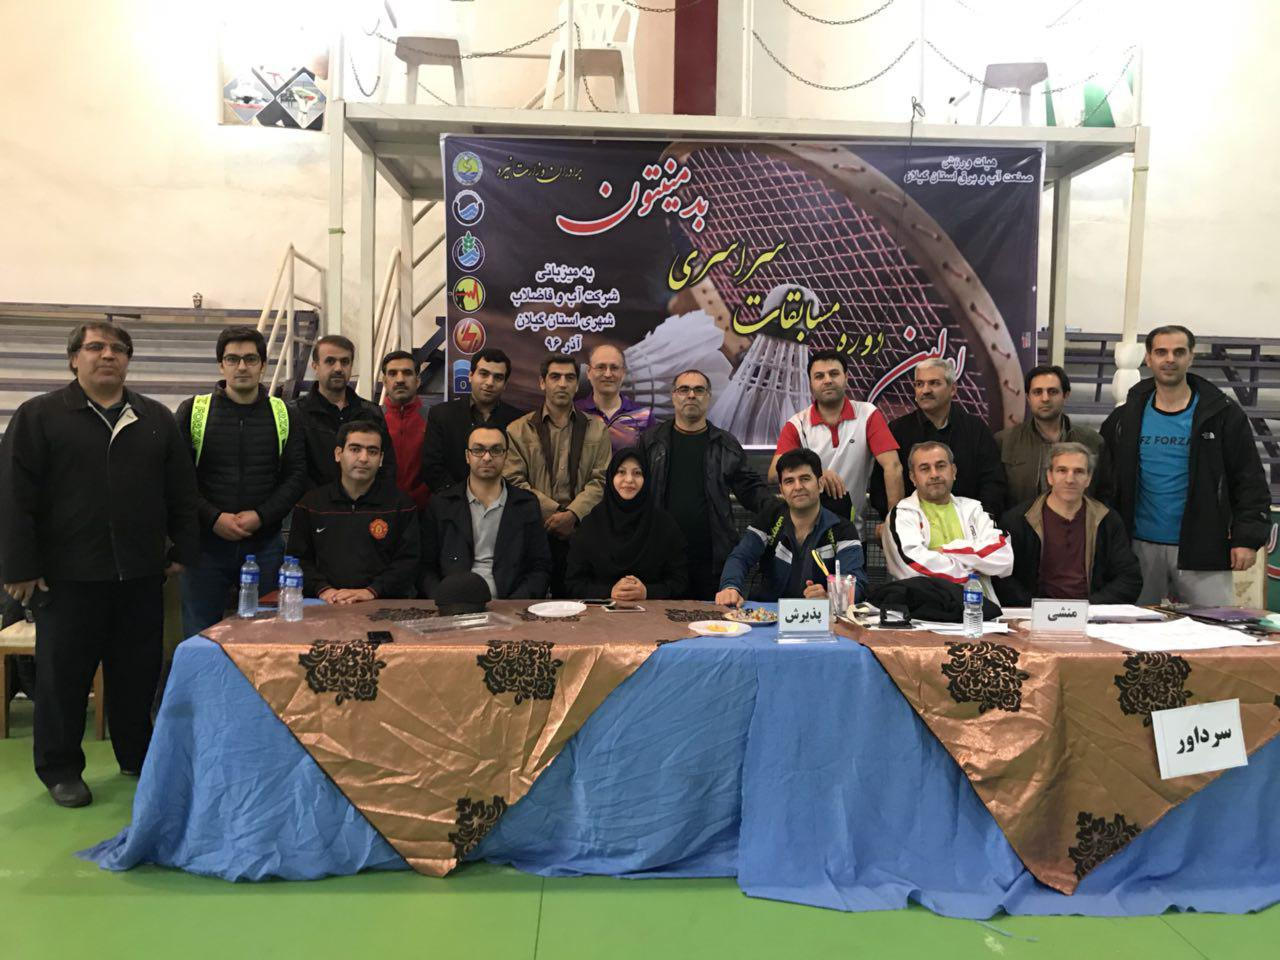 بازیکنان با اخلاق زنجان در کنار رئیس انجمن بدمینتون وزارت نیرو